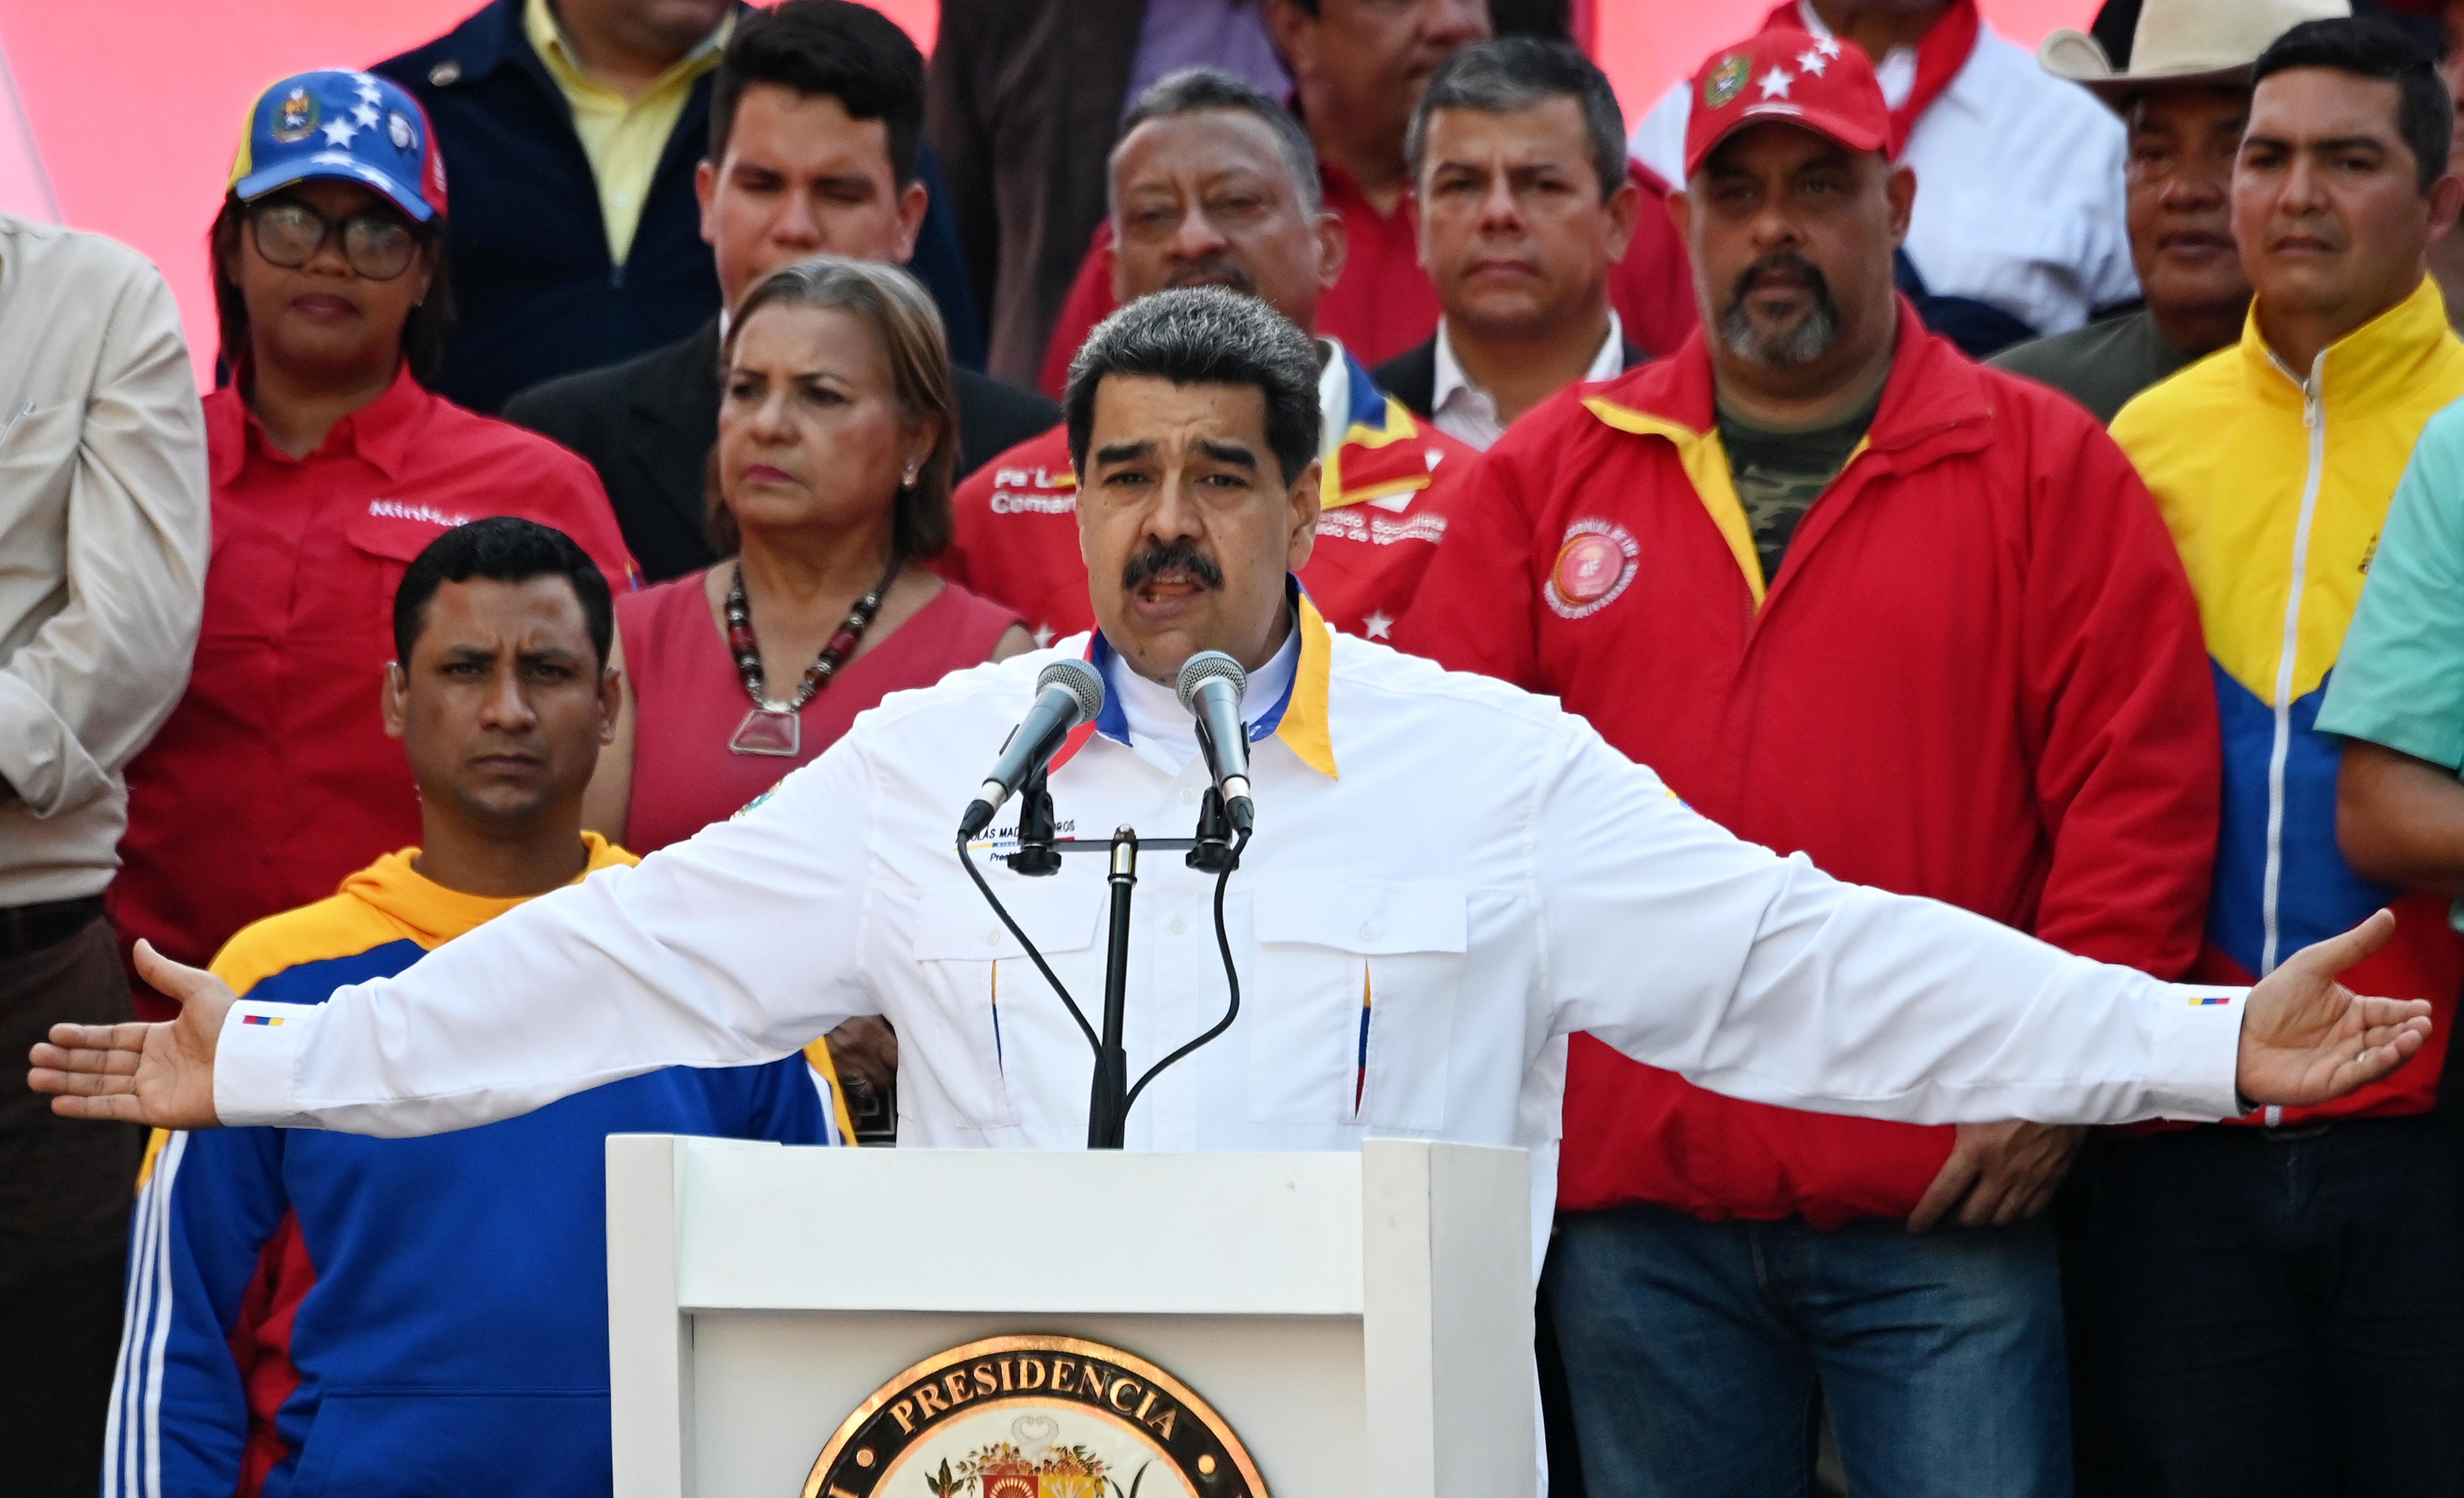 Fejenként 24 év börtönt kaptak azok a venezuelai katonák, akik megpróbálták megdönteni Maduro elnök hatalmát